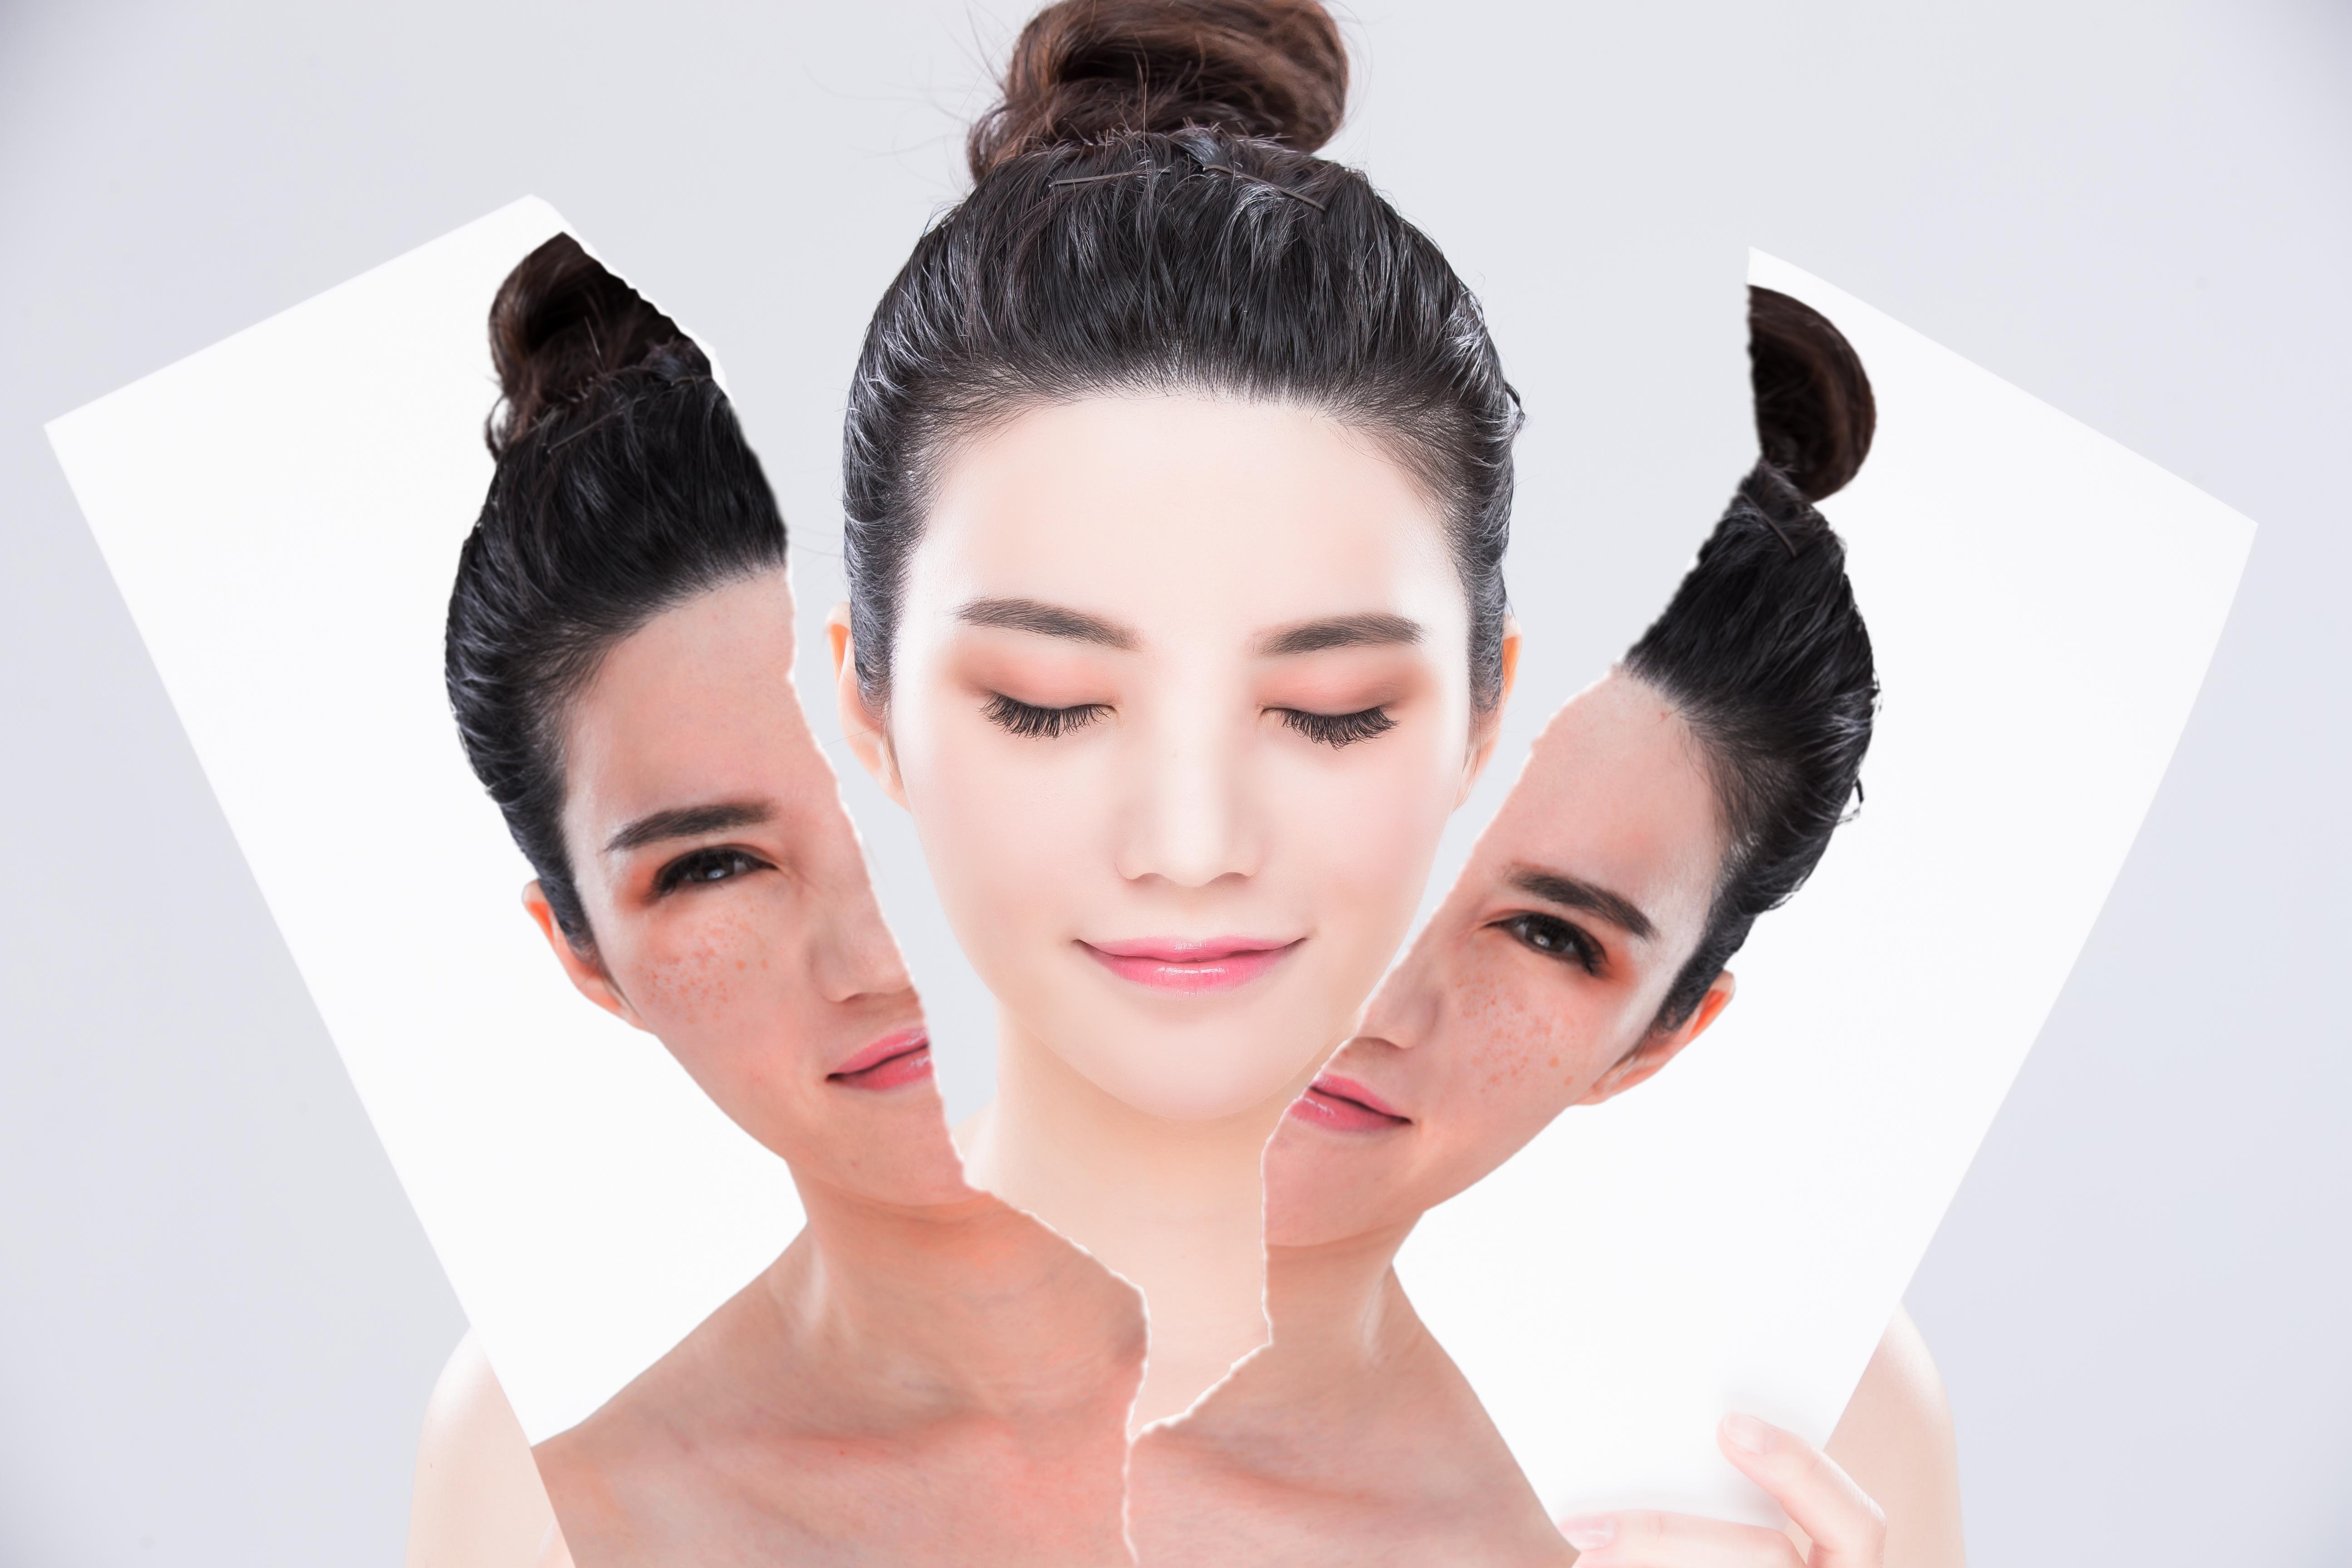 Trendul de frumusețe care îi lasă pe oameni cu cicatrici mari pe față. Ce sunt încurajați să facă fără să li se explice pericolul